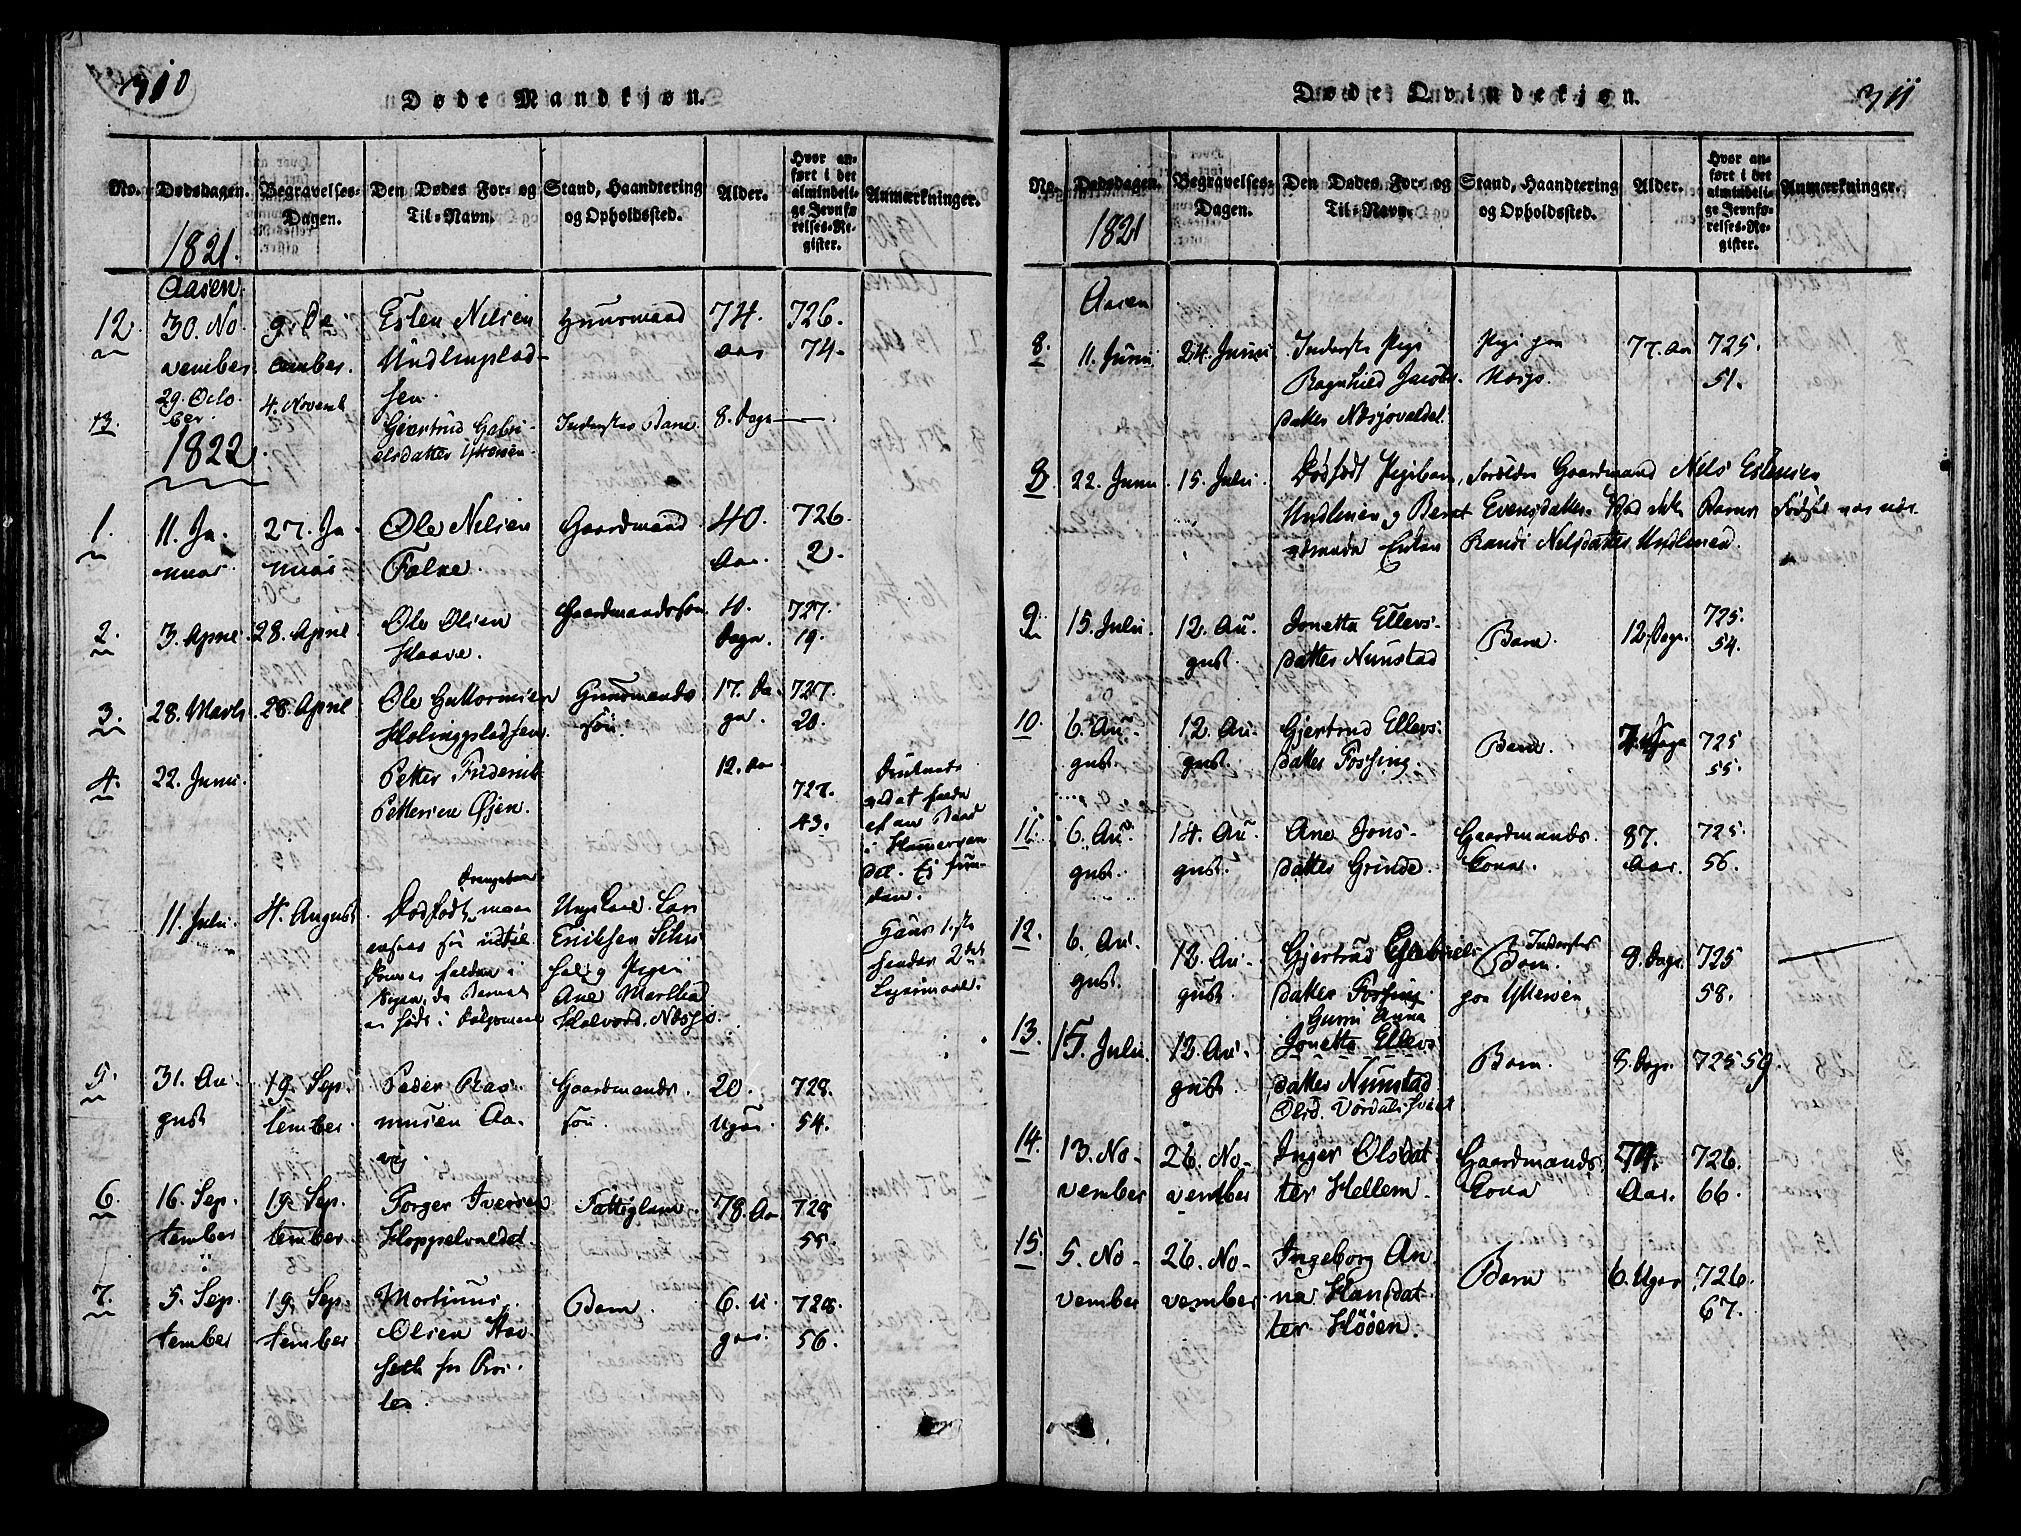 SAT, Ministerialprotokoller, klokkerbøker og fødselsregistre - Nord-Trøndelag, 713/L0112: Ministerialbok nr. 713A04 /2, 1817-1827, s. 310-311